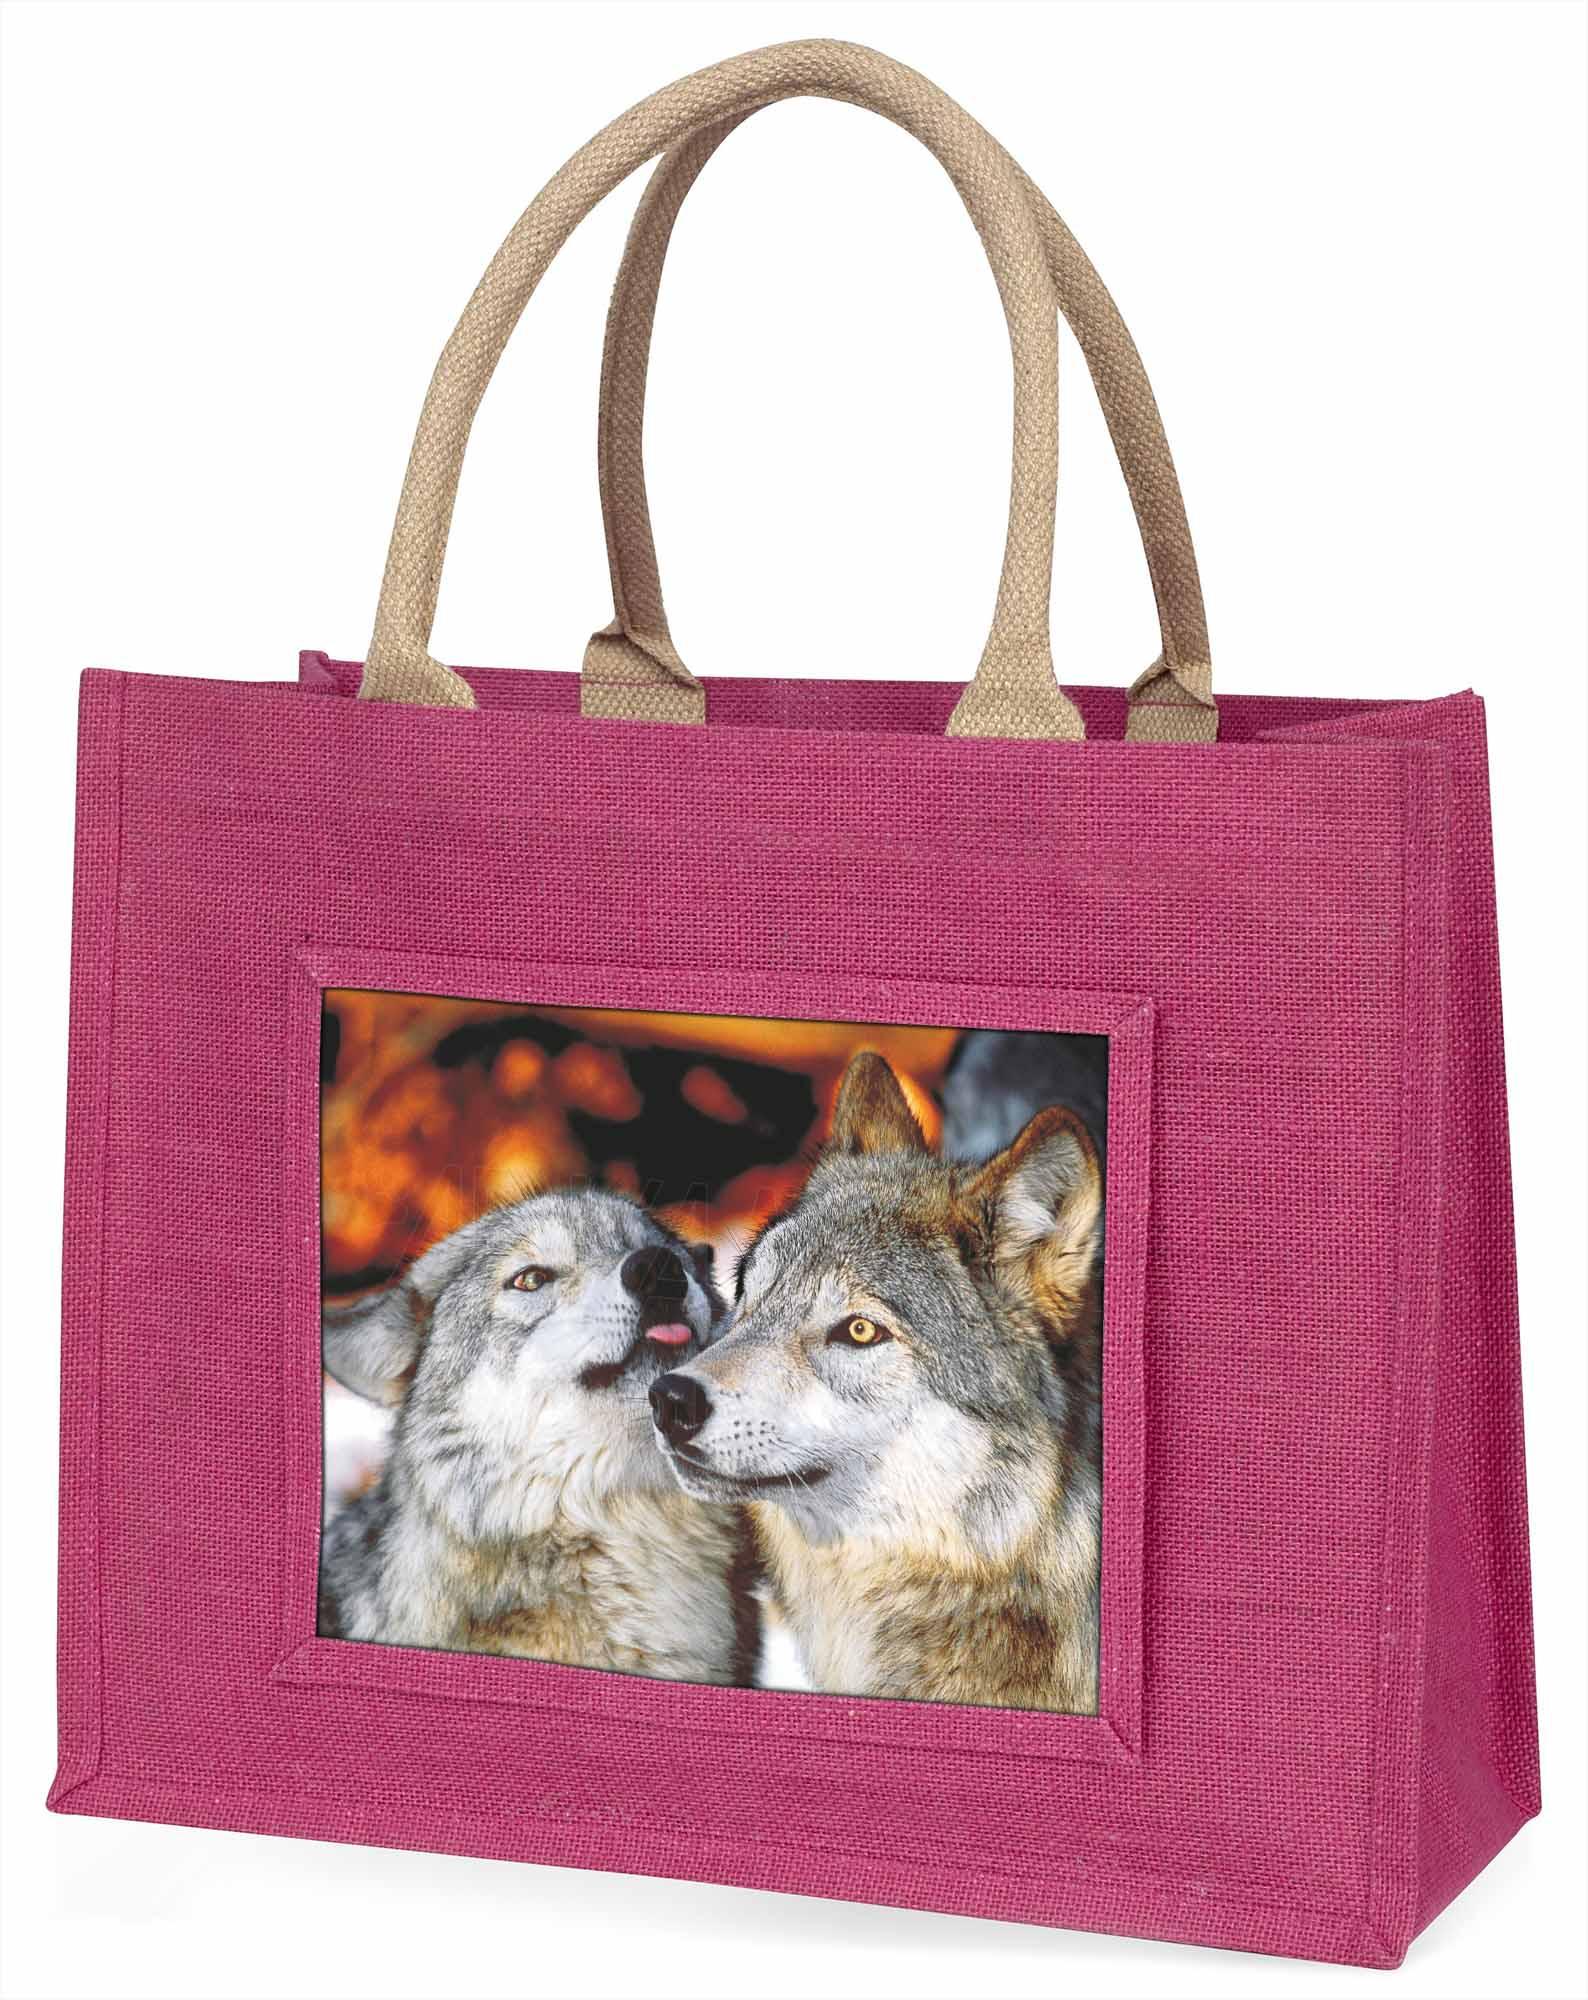 Verliebte Wölfe große rosa Einkaufstasche Weihnachten Geschenkidee, aw-9blp